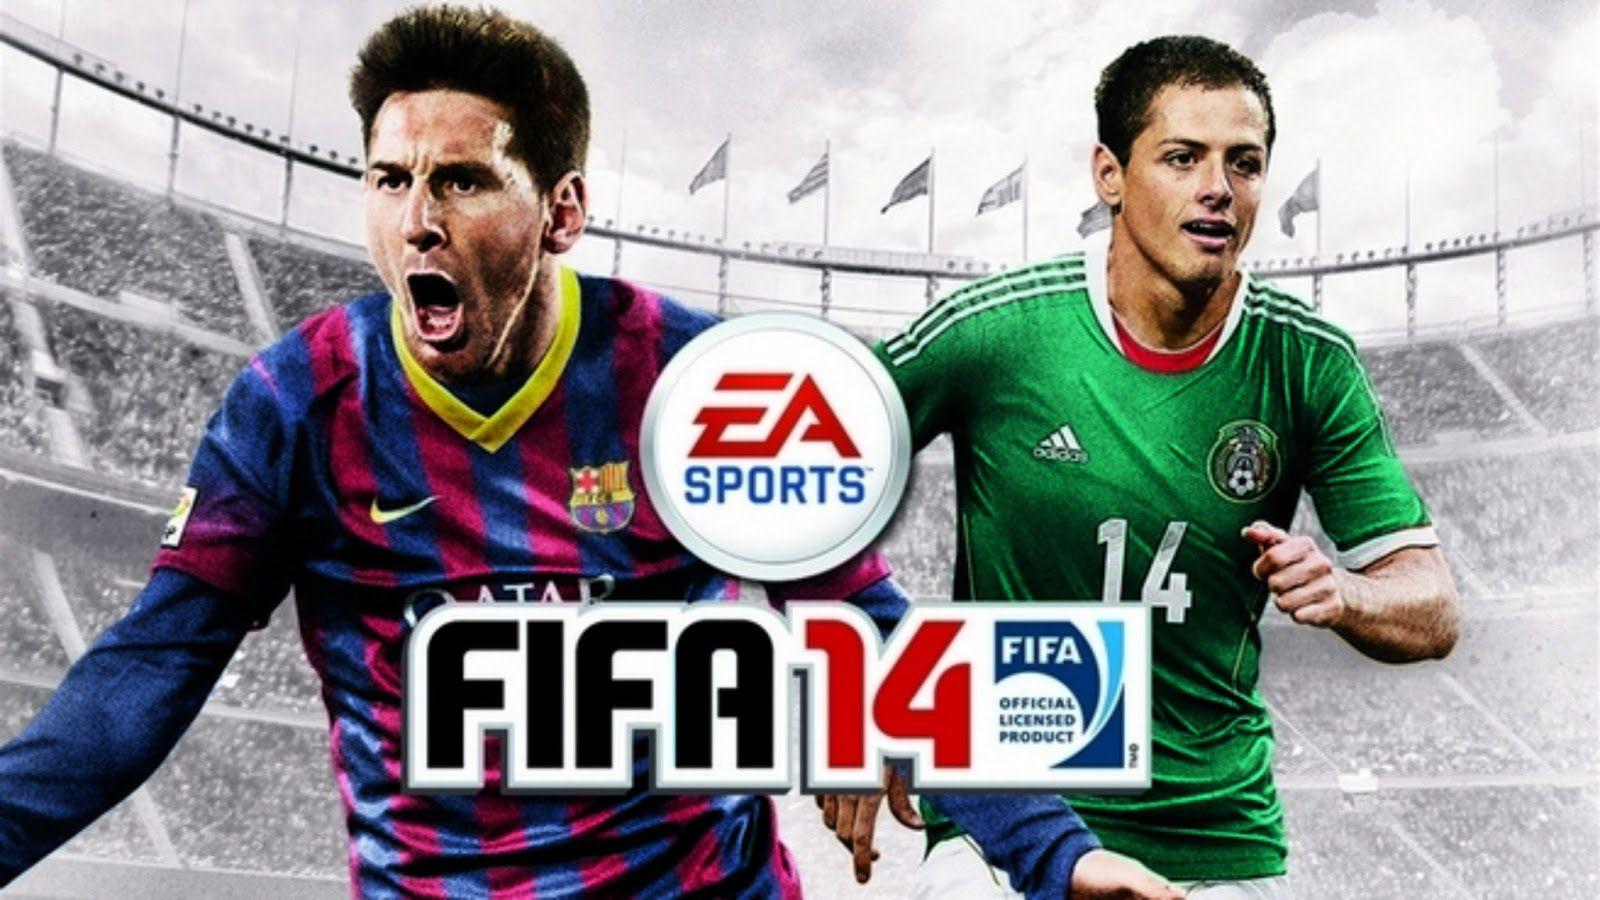 FIFA 14 MOD APK + DATA Offline, Full Unlocked Games v1.3.6